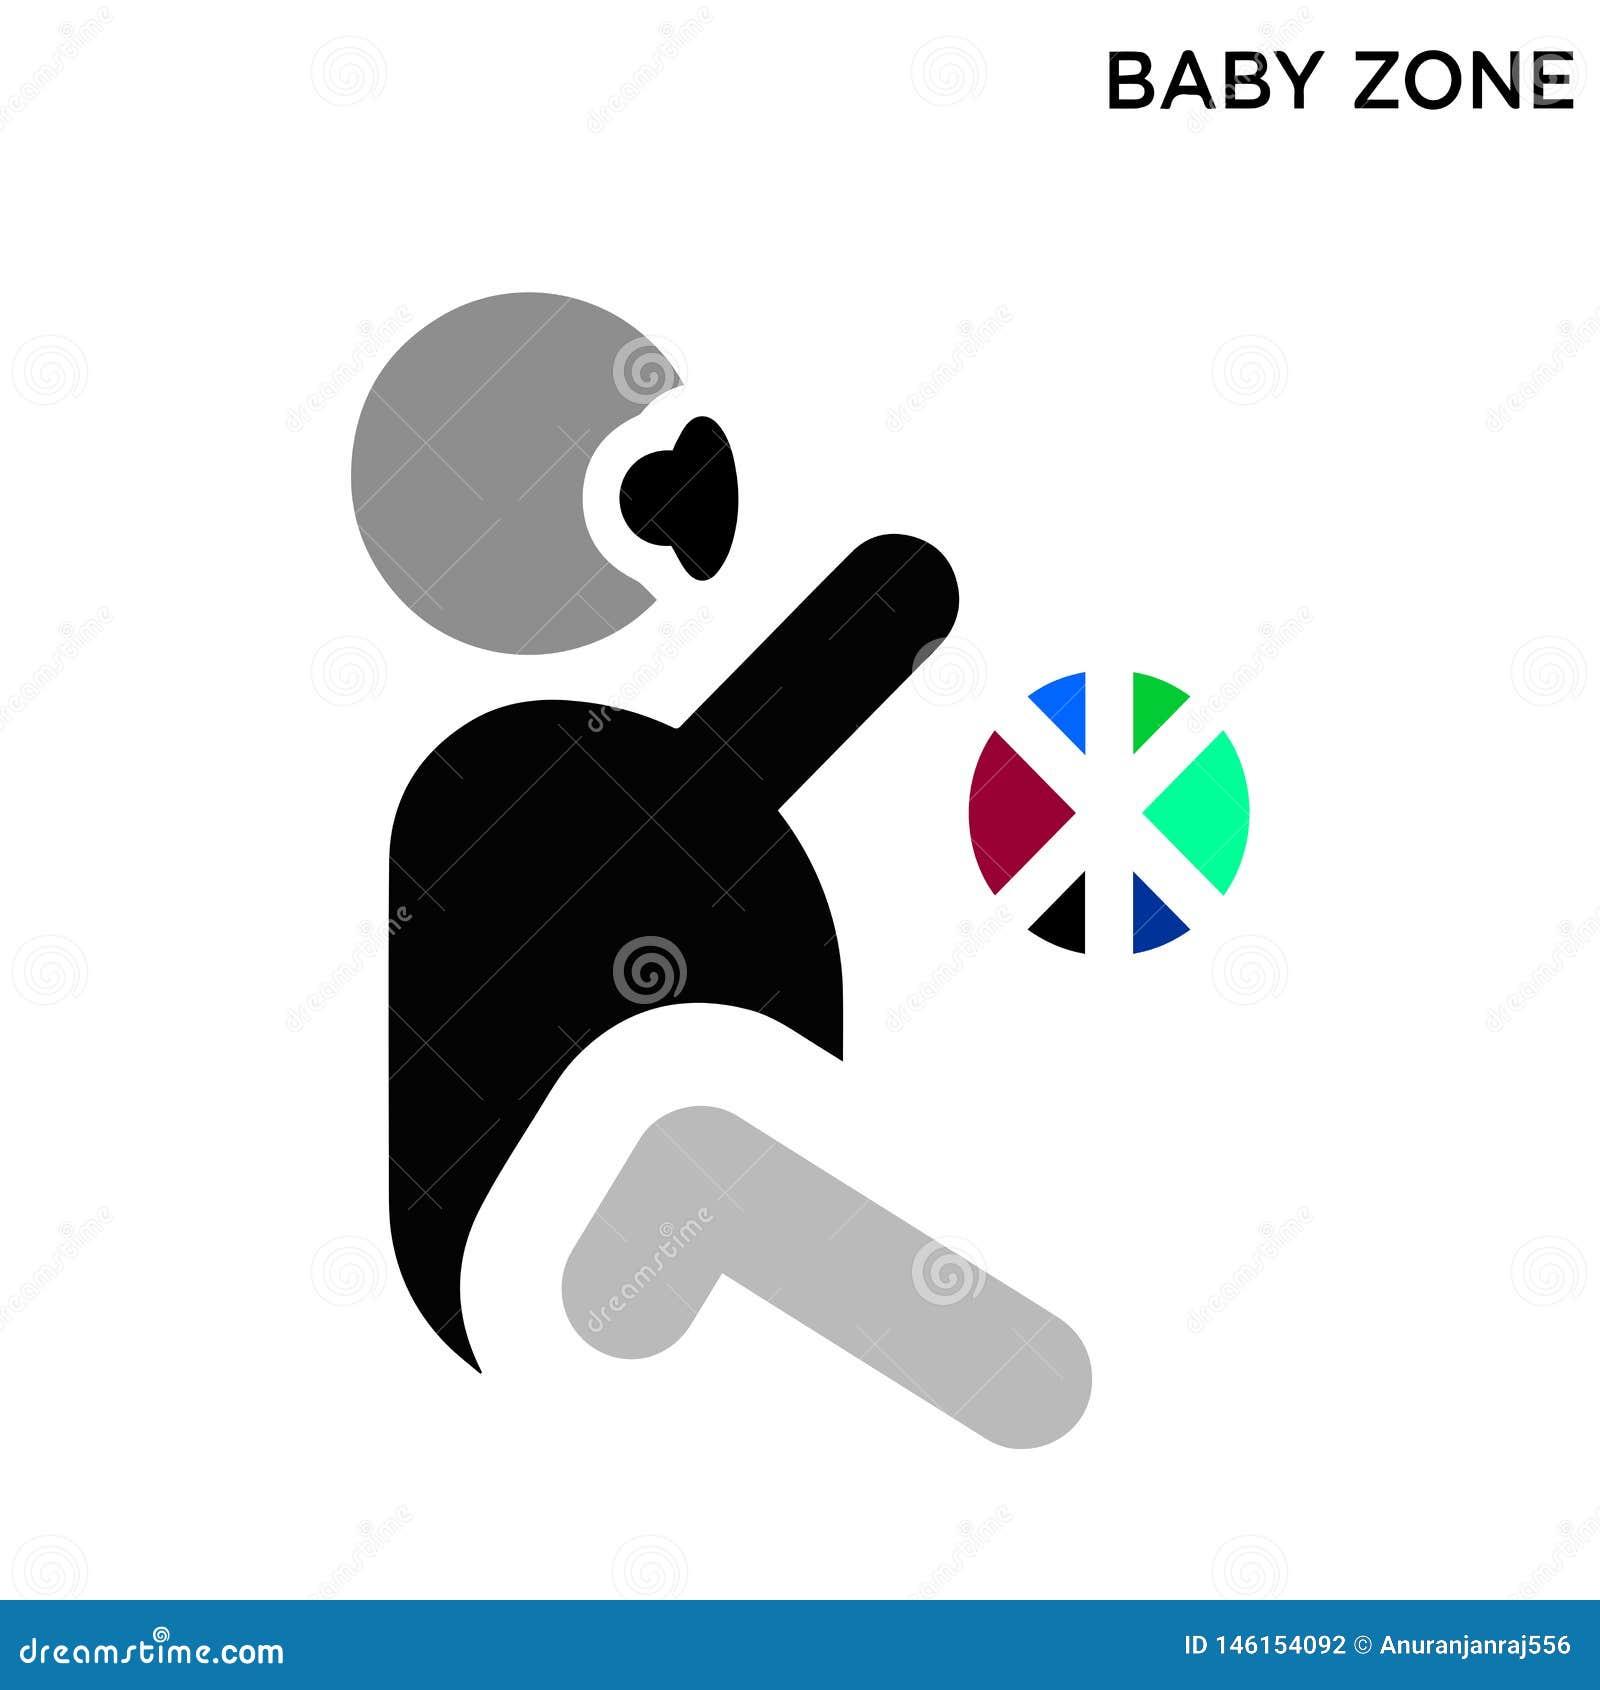 Babyzonenikone